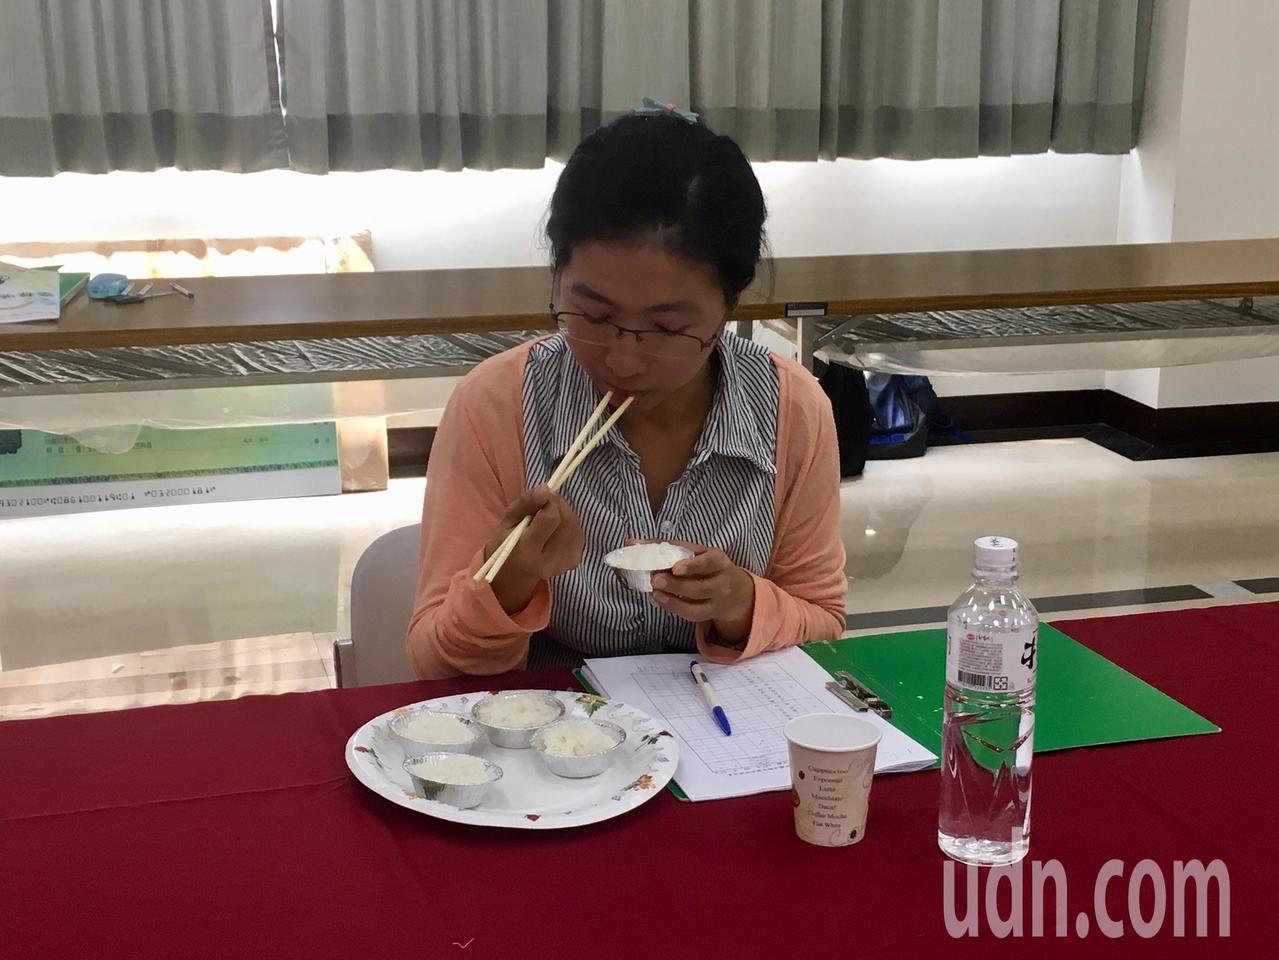 竹東鎮昨天舉行第三階段決賽,評比項目是官能品評,包含外觀、香味、口味、黏性、硬性...